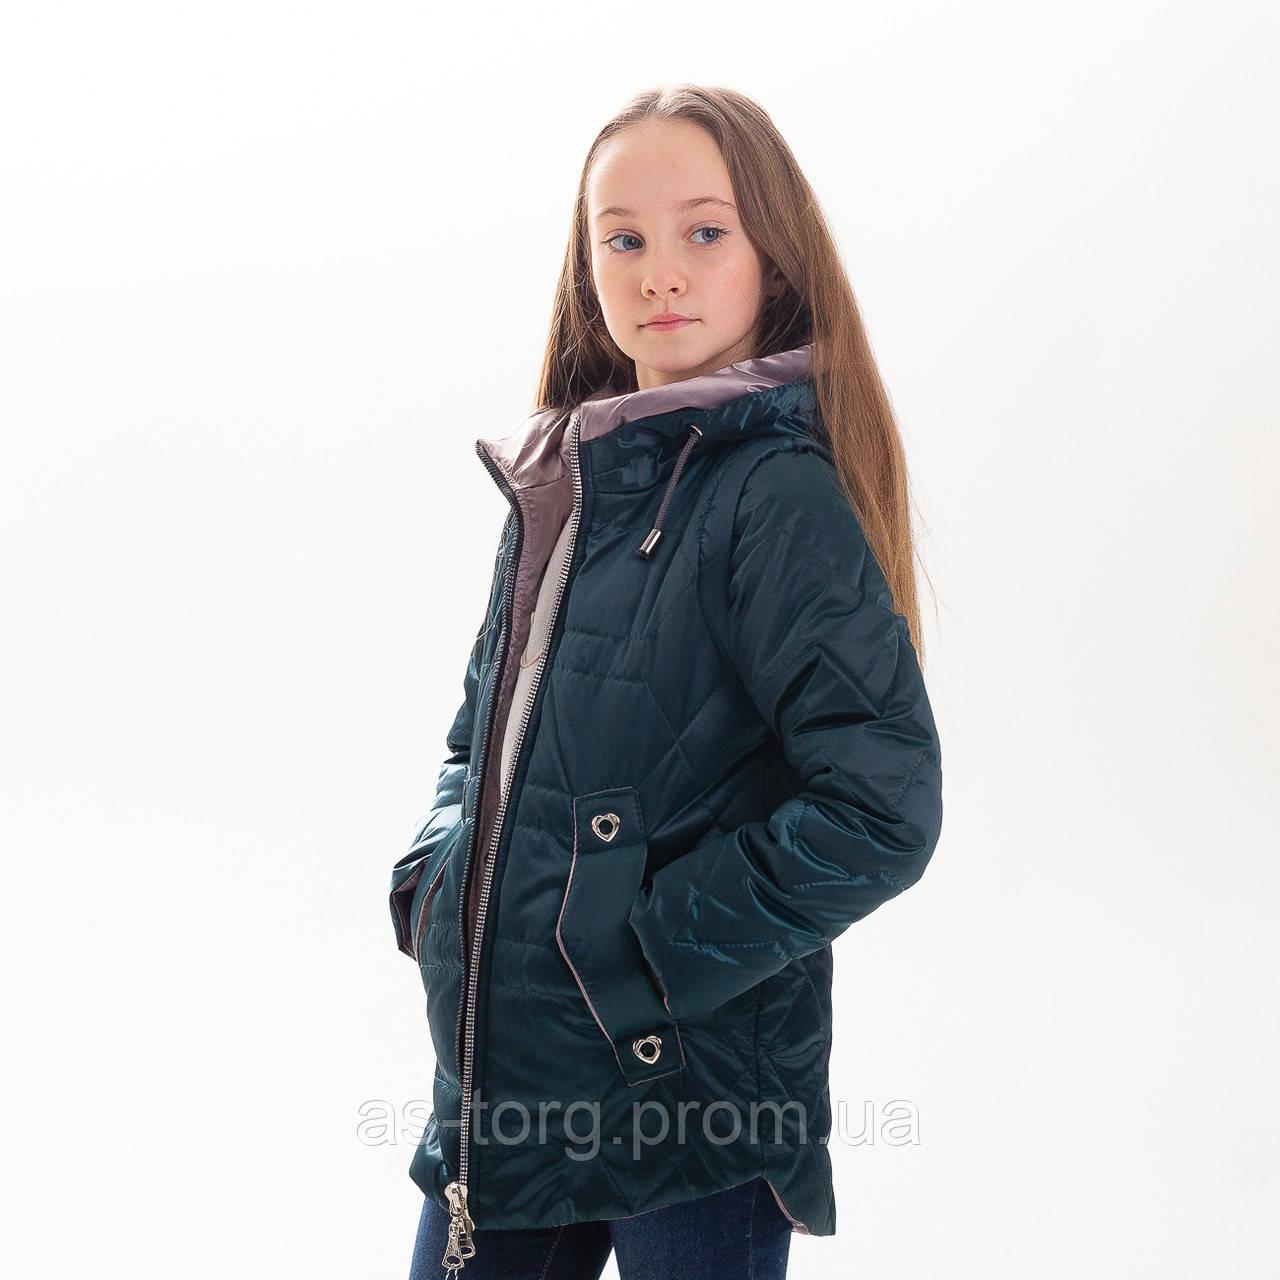 Куртка-жилет для девочки «Фани»